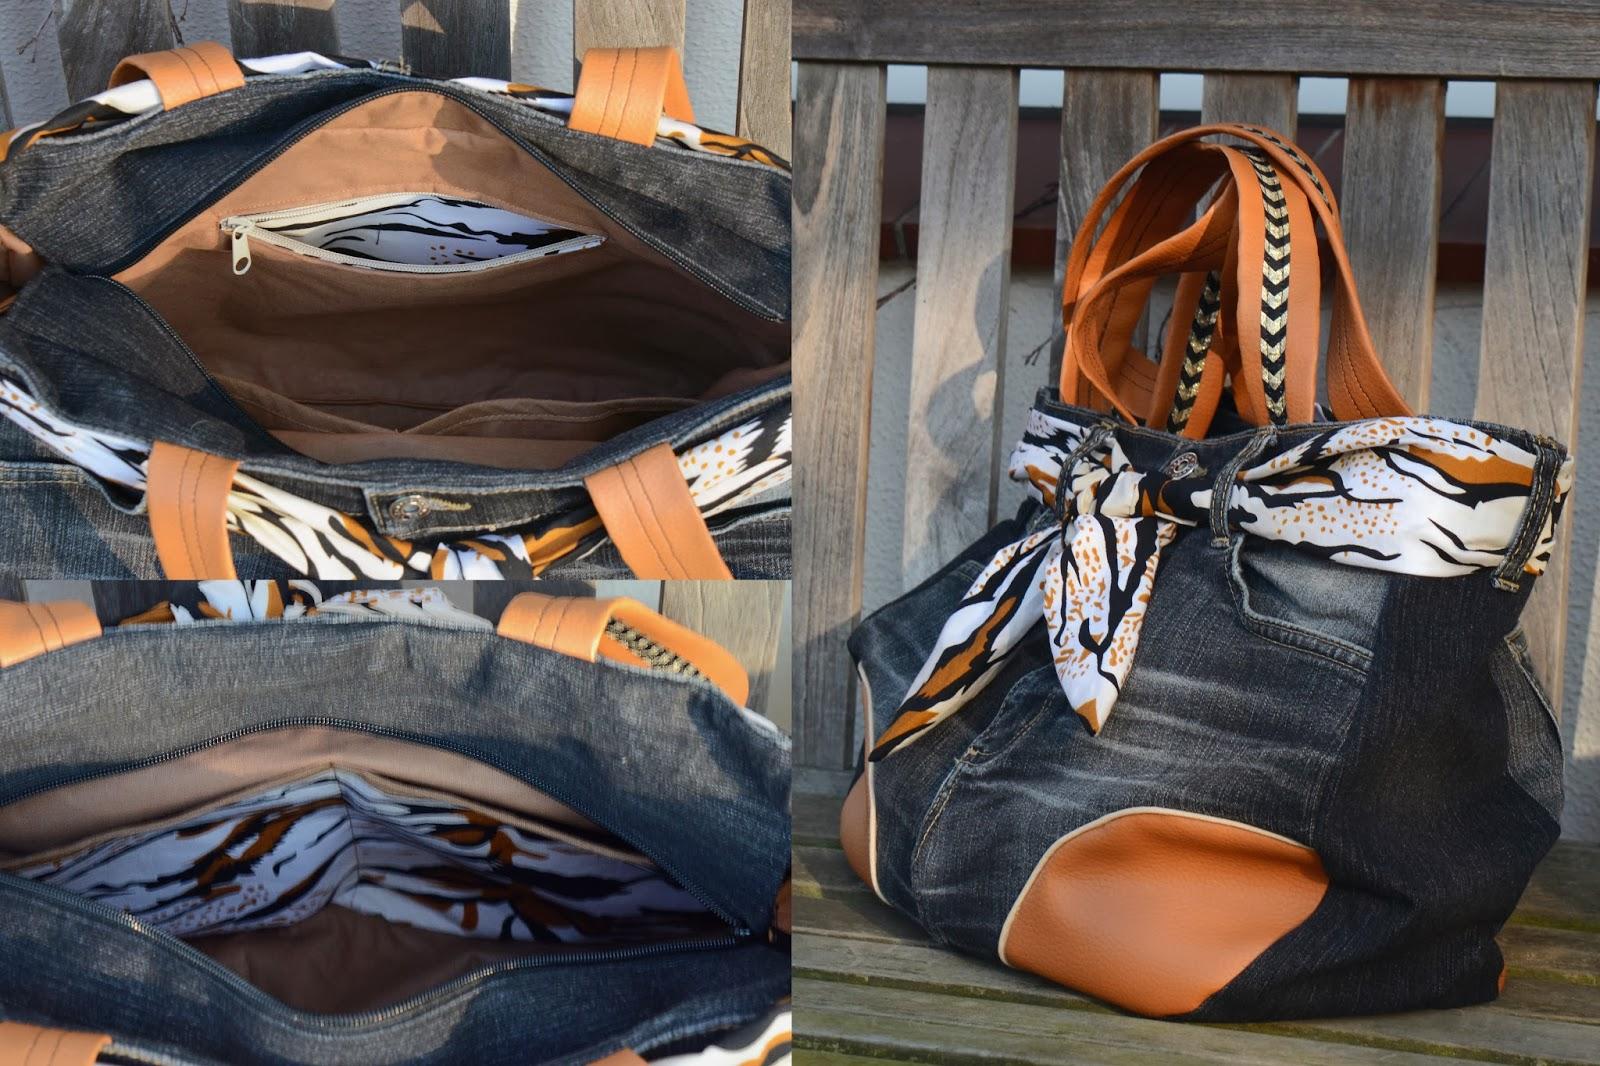 samari design schnabelina jeans bag. Black Bedroom Furniture Sets. Home Design Ideas